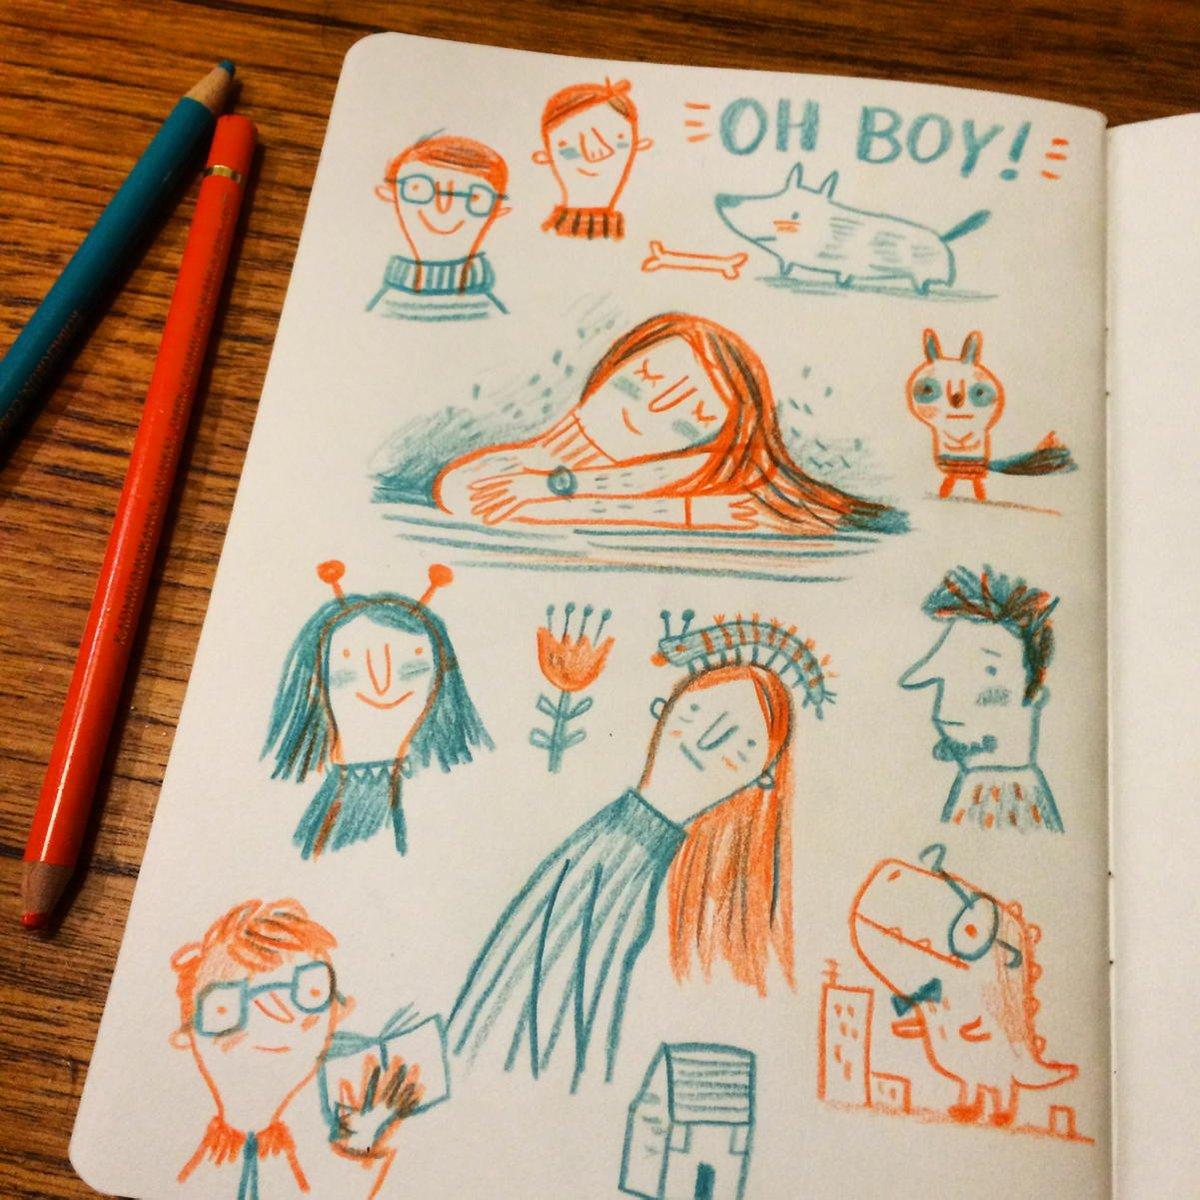 It's been a long week. #sketchbook #doodle https://t.co/ljuTgpHEjr